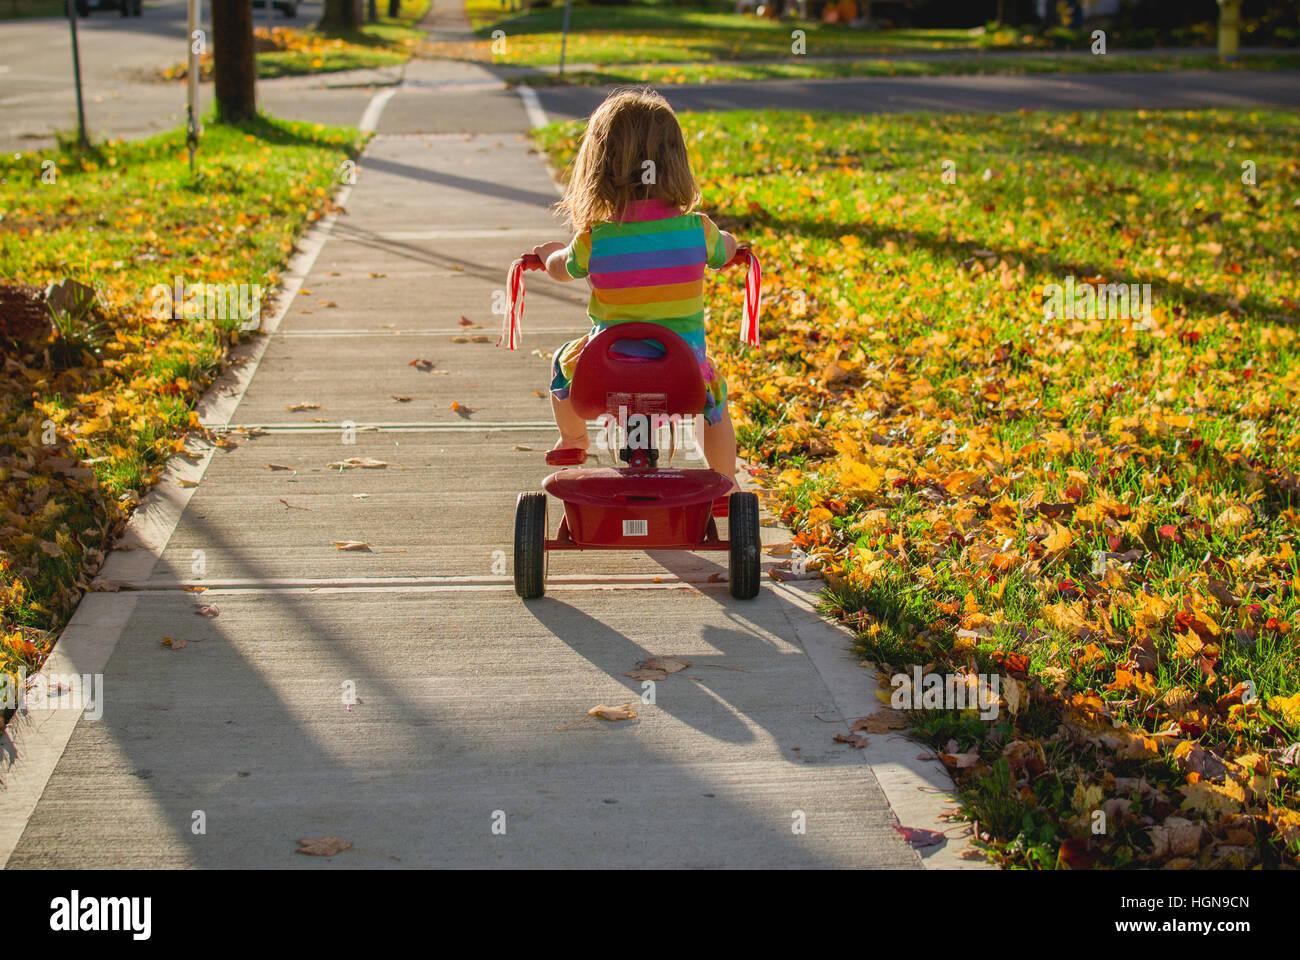 Una chica joven monta un triciclo en una pequeña ciudad en los Estados Unidos. Foto de stock